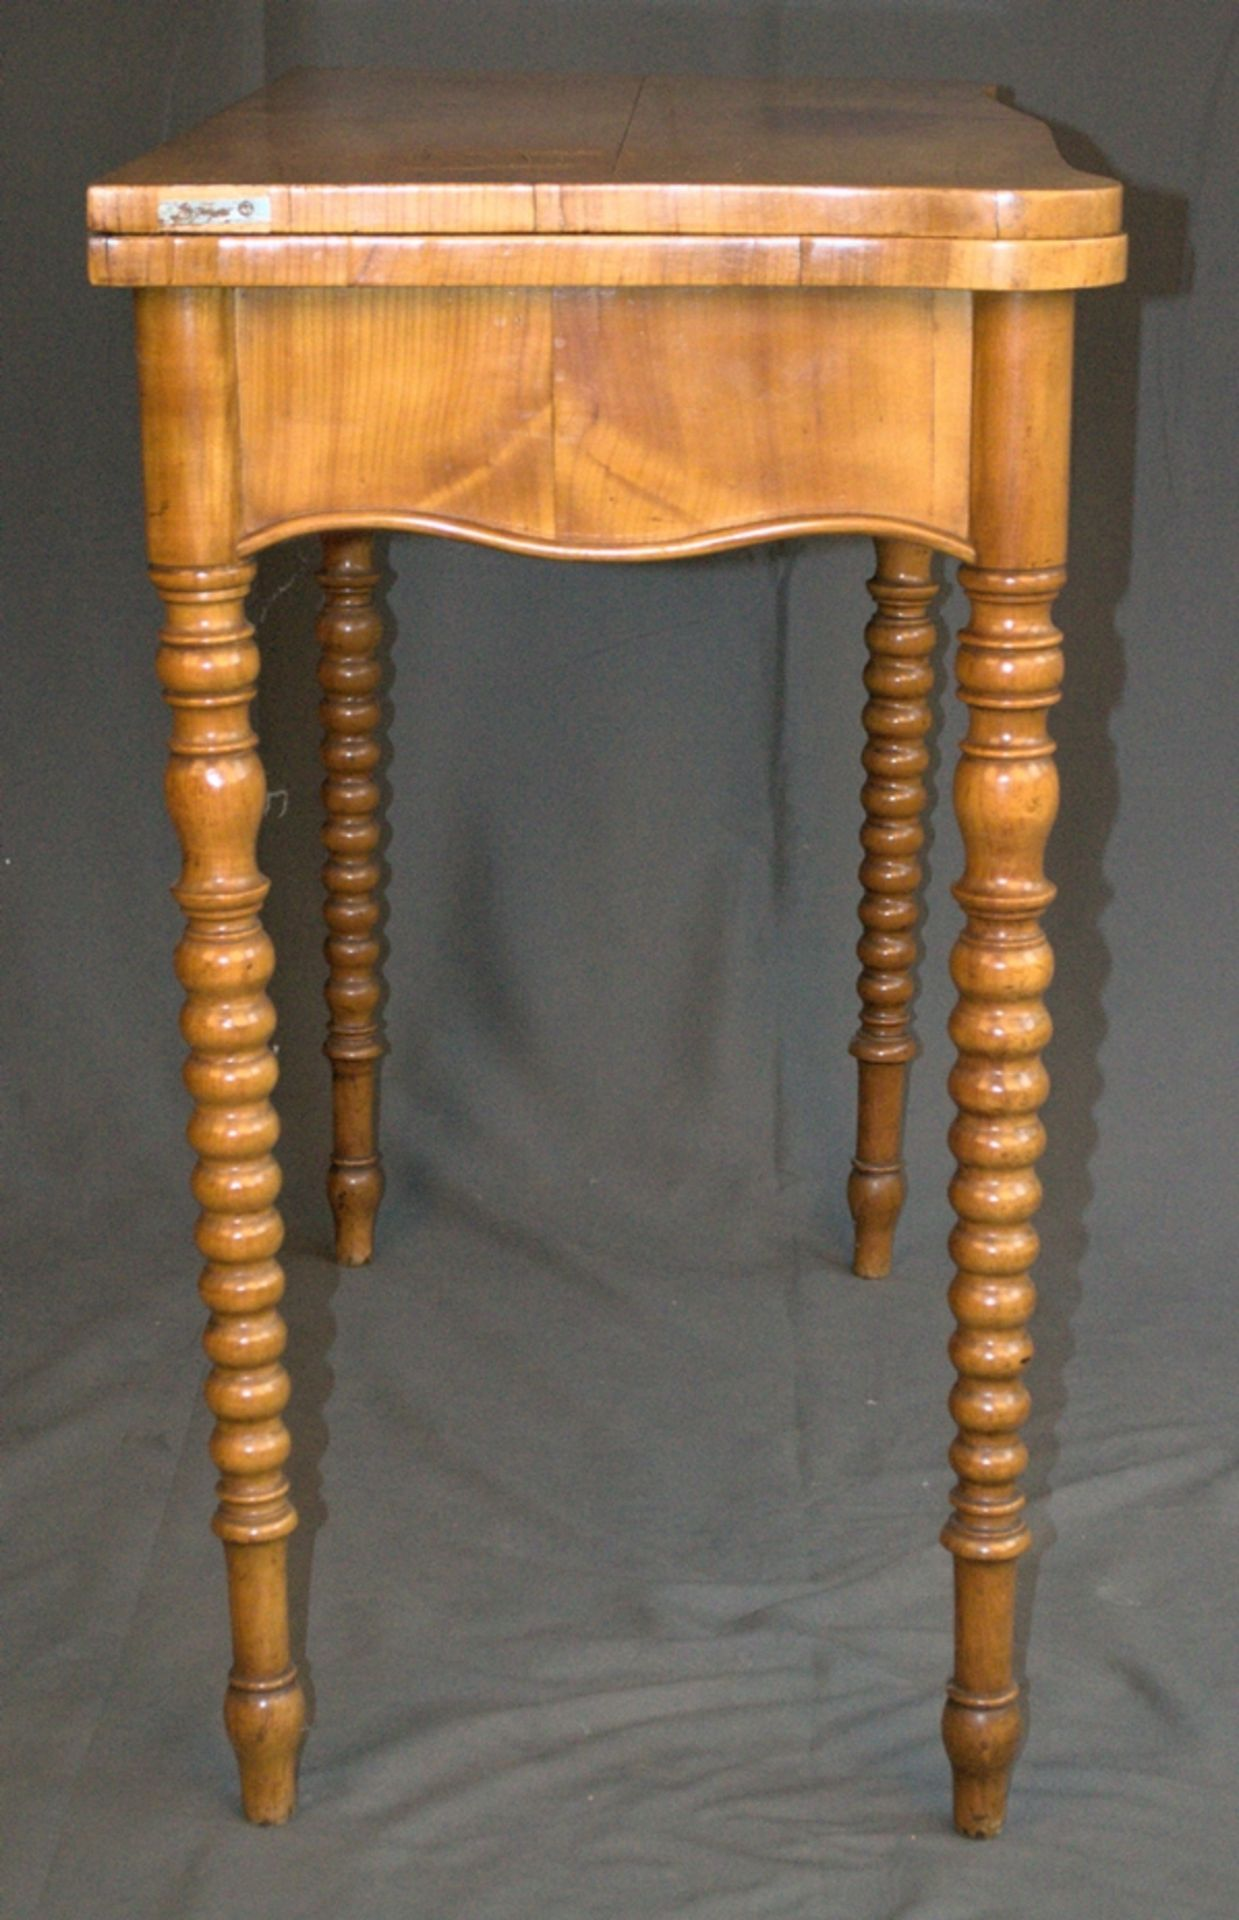 Konsoltisch/Spieltisch. Spätes Biedermeier um 1840/50. Kirschbaum massiv & furniert. Gepflegter - Bild 18 aus 24